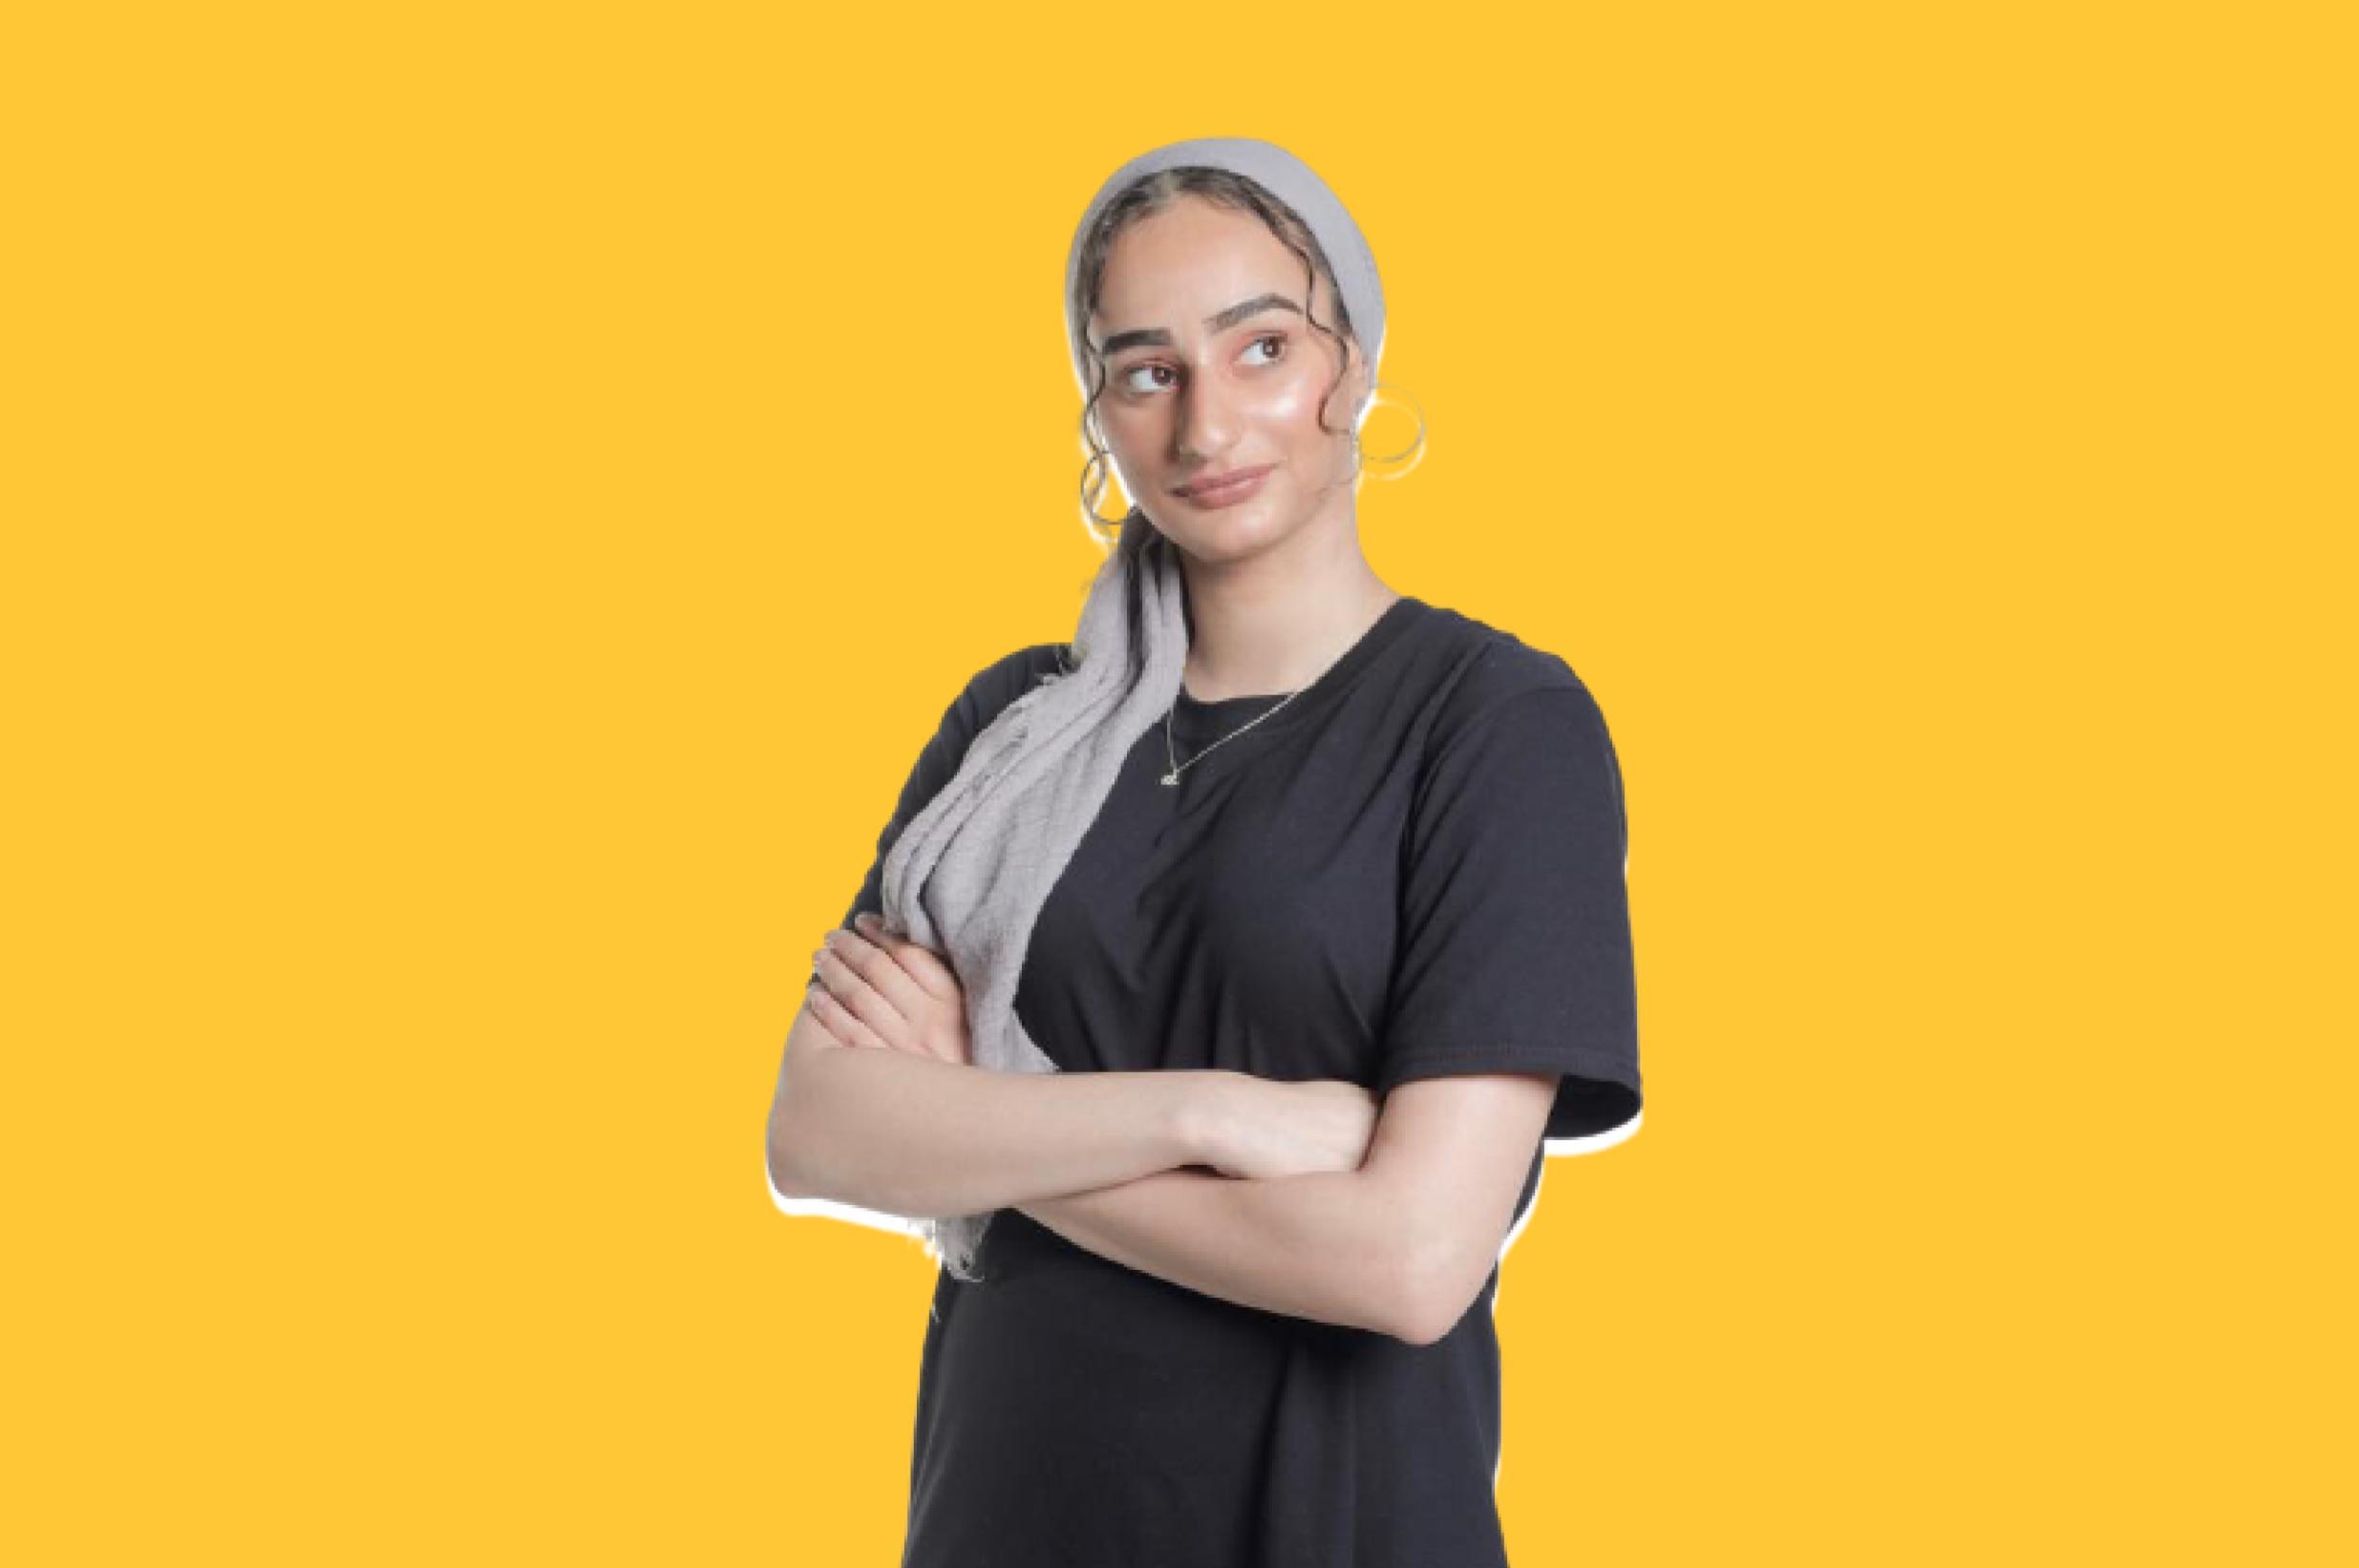 Saffiyah Syeed the 'hijabi boxer'